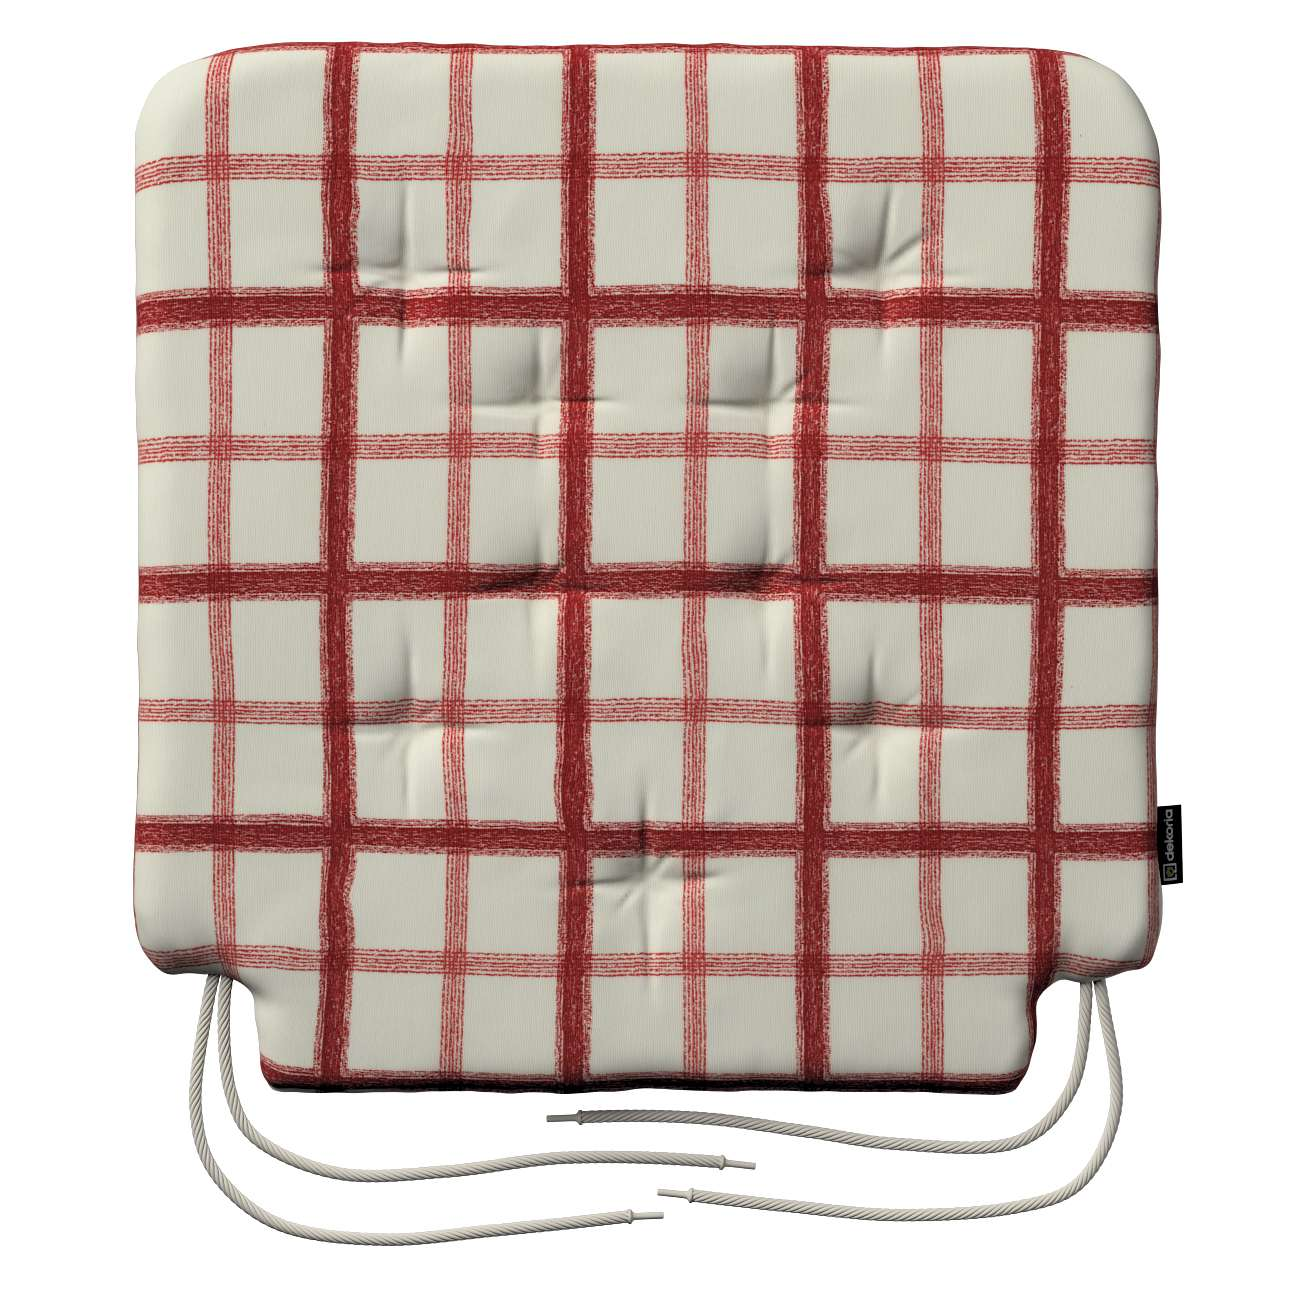 Siedzisko Olek na krzesło 42x41x3,5cm w kolekcji Avinon, tkanina: 131-15